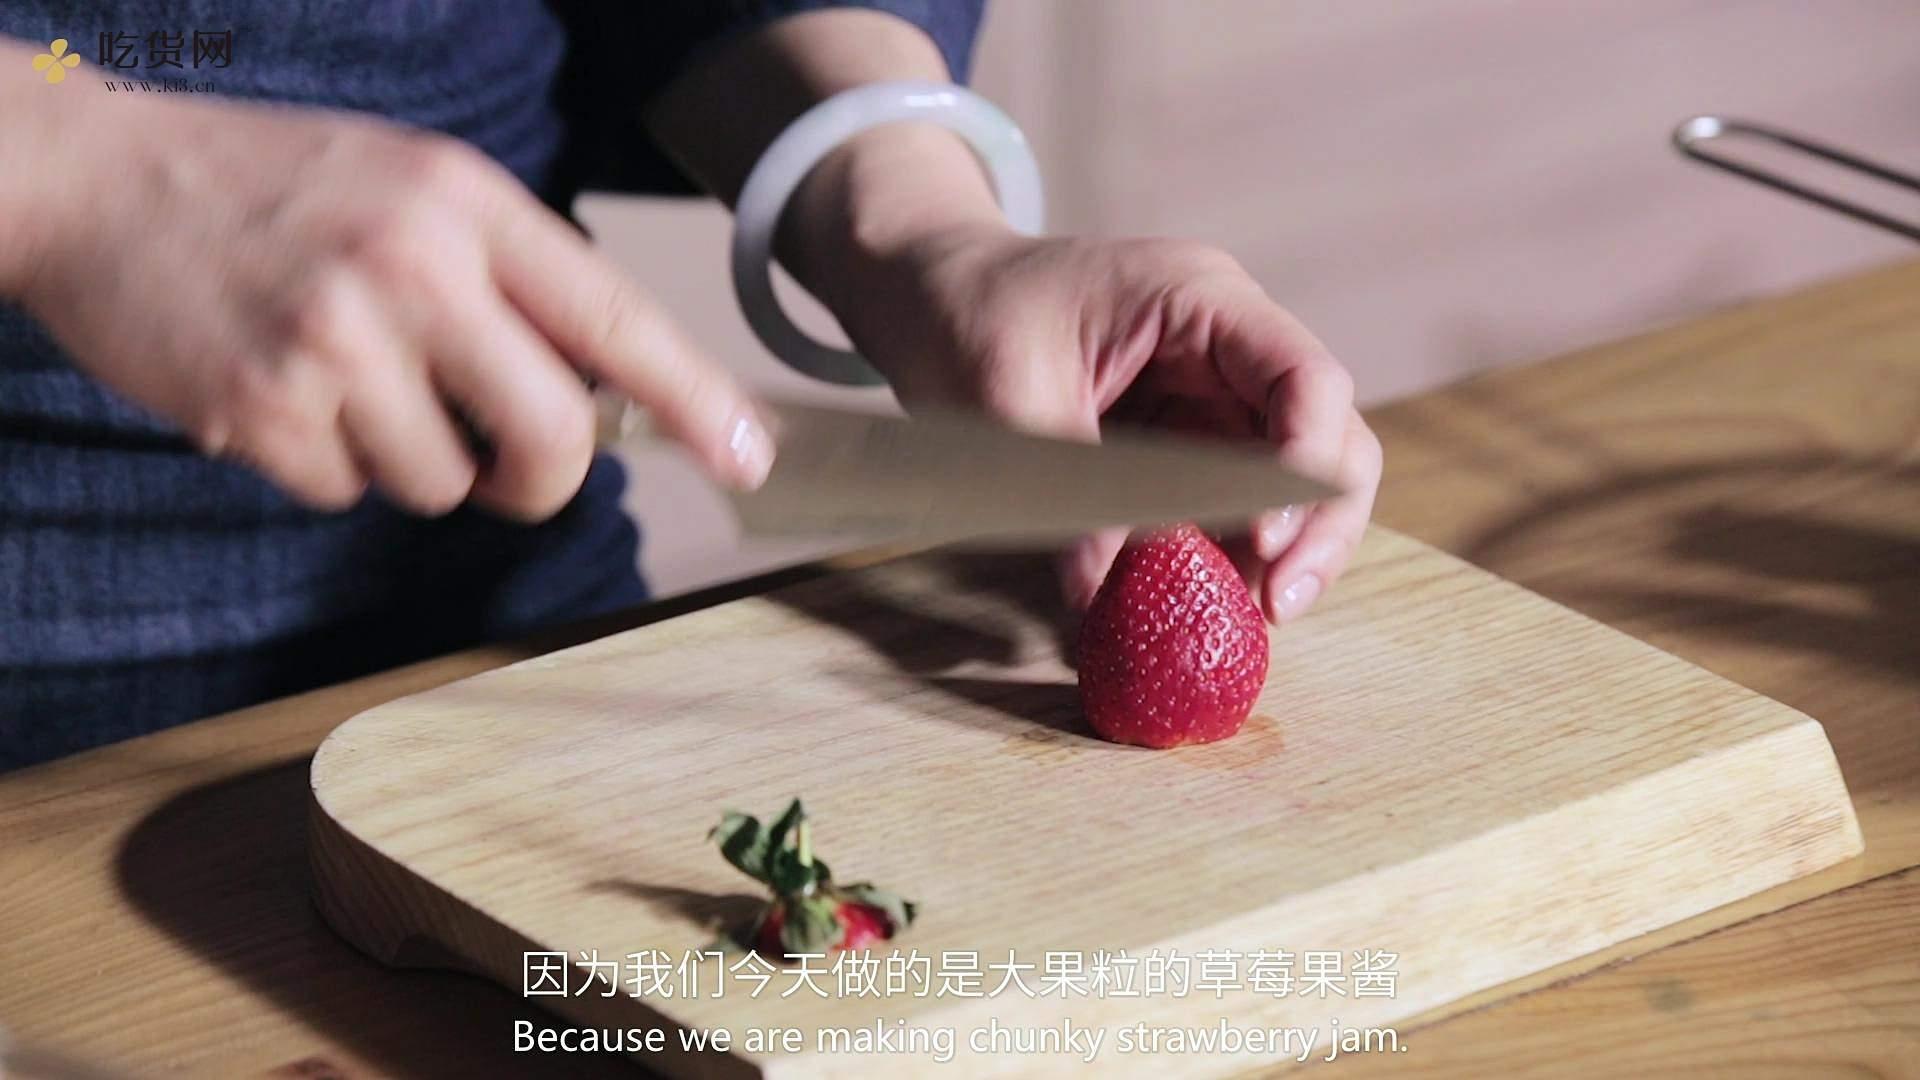 【曼达小馆】下午茶系列:超大大大颗的草莓果酱的做法 步骤1